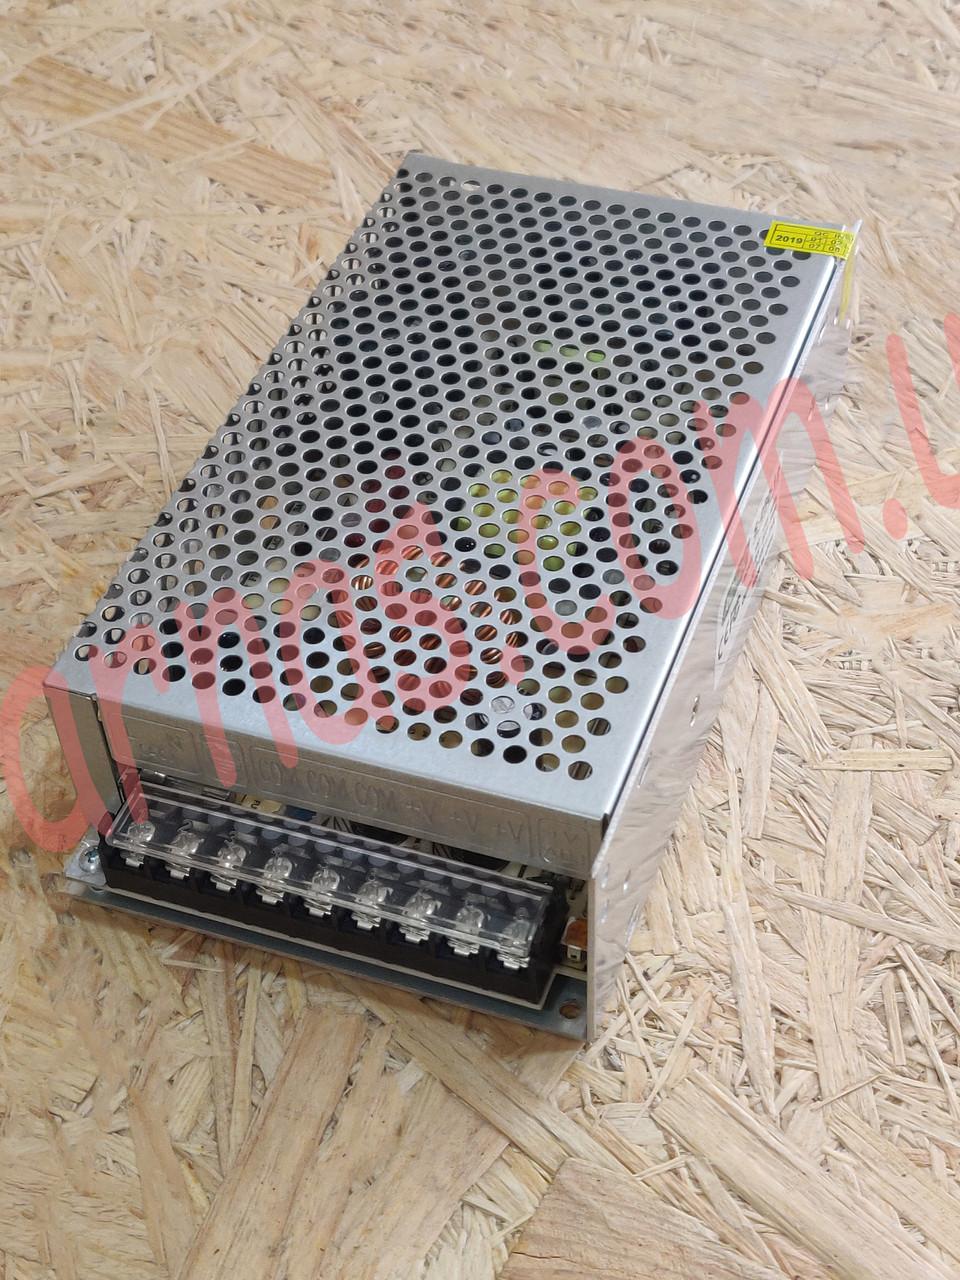 Блок питания S-250-12 12V 20A, фото 1